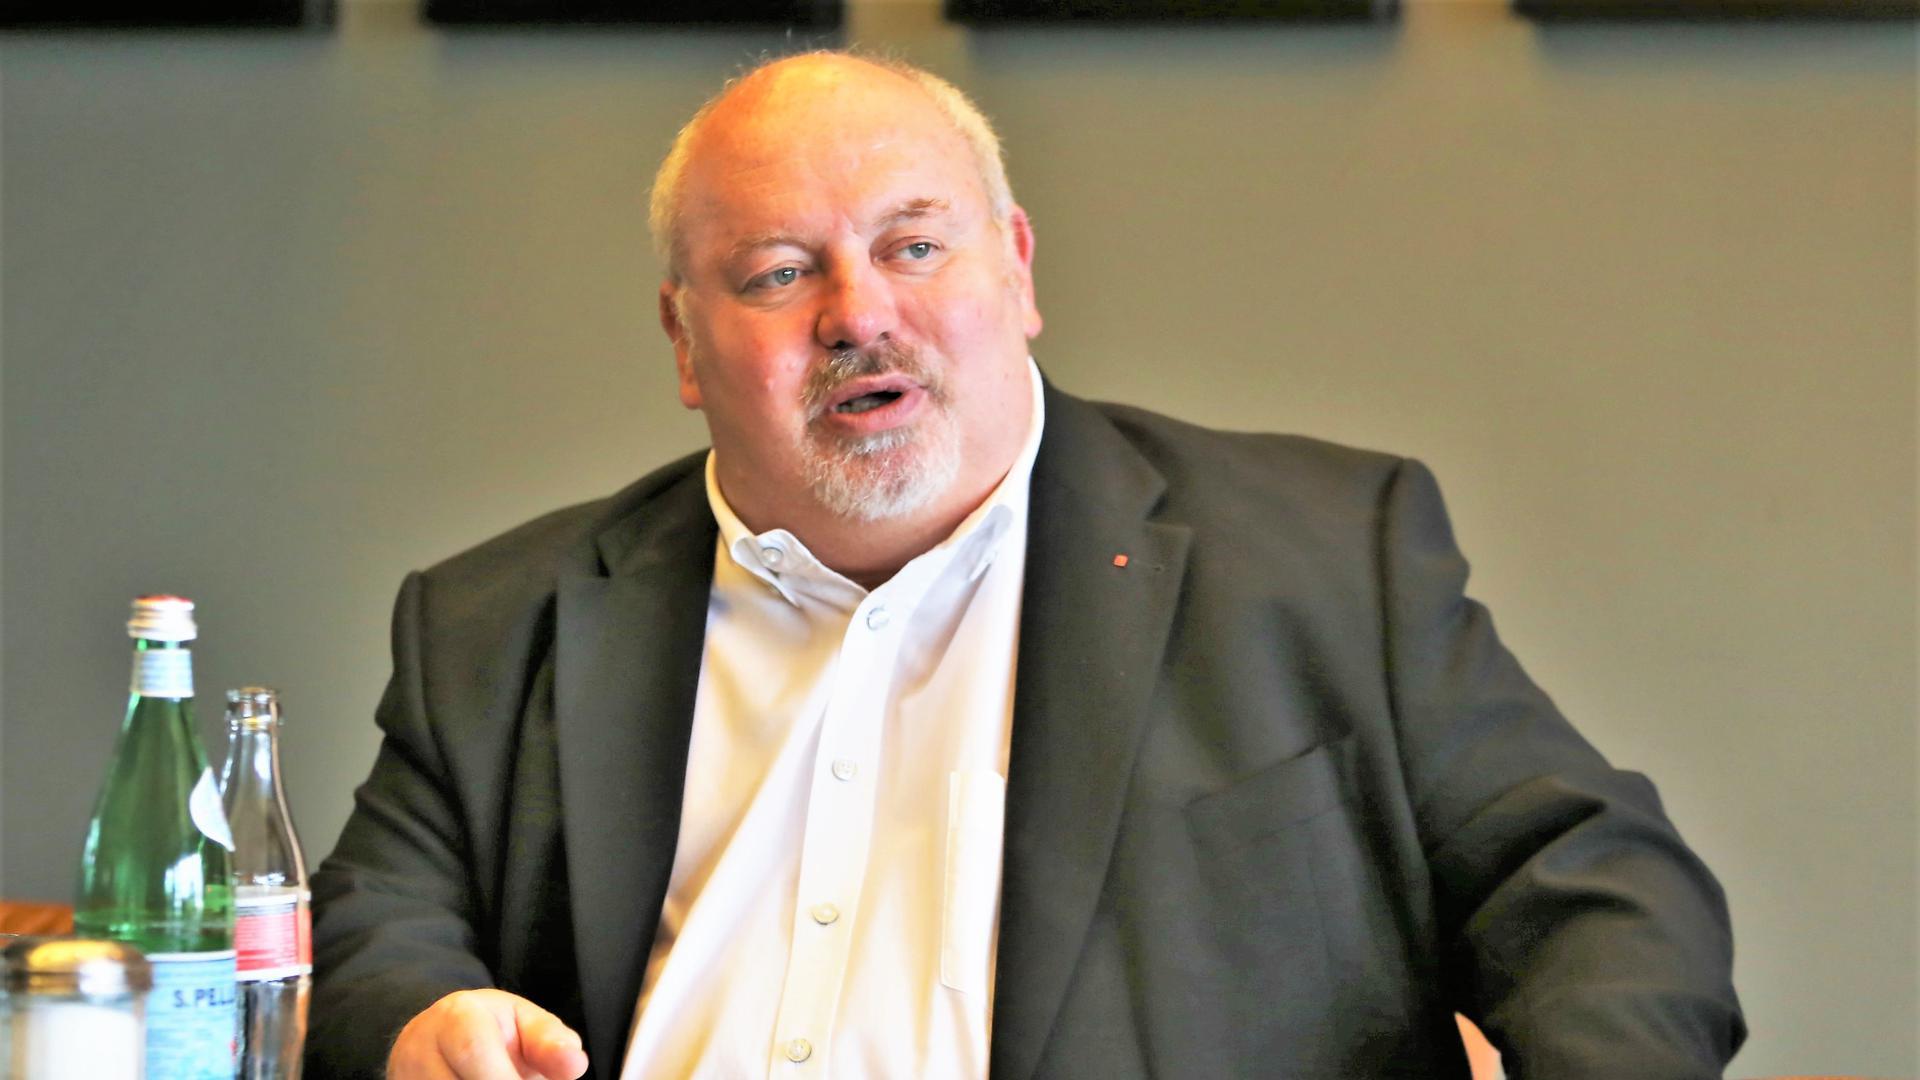 Ralf Fuhrmann, SPD Pforzheim, spricht bei einer Pressekonferenz im Juli 2020